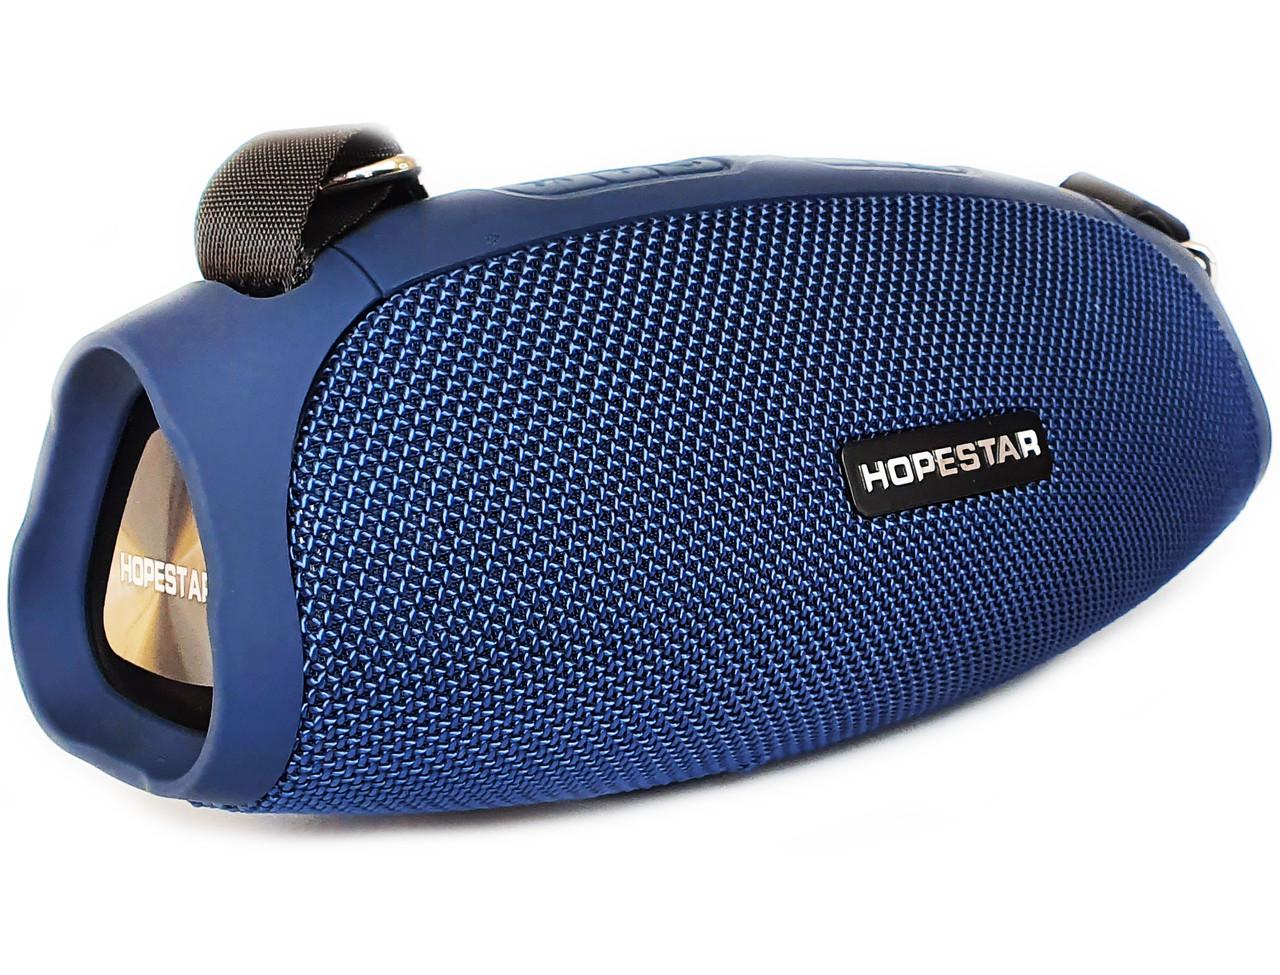 Портативная беспроводная стерео колонка Hopestar H43 c Bluetooth, USB и MicroSD